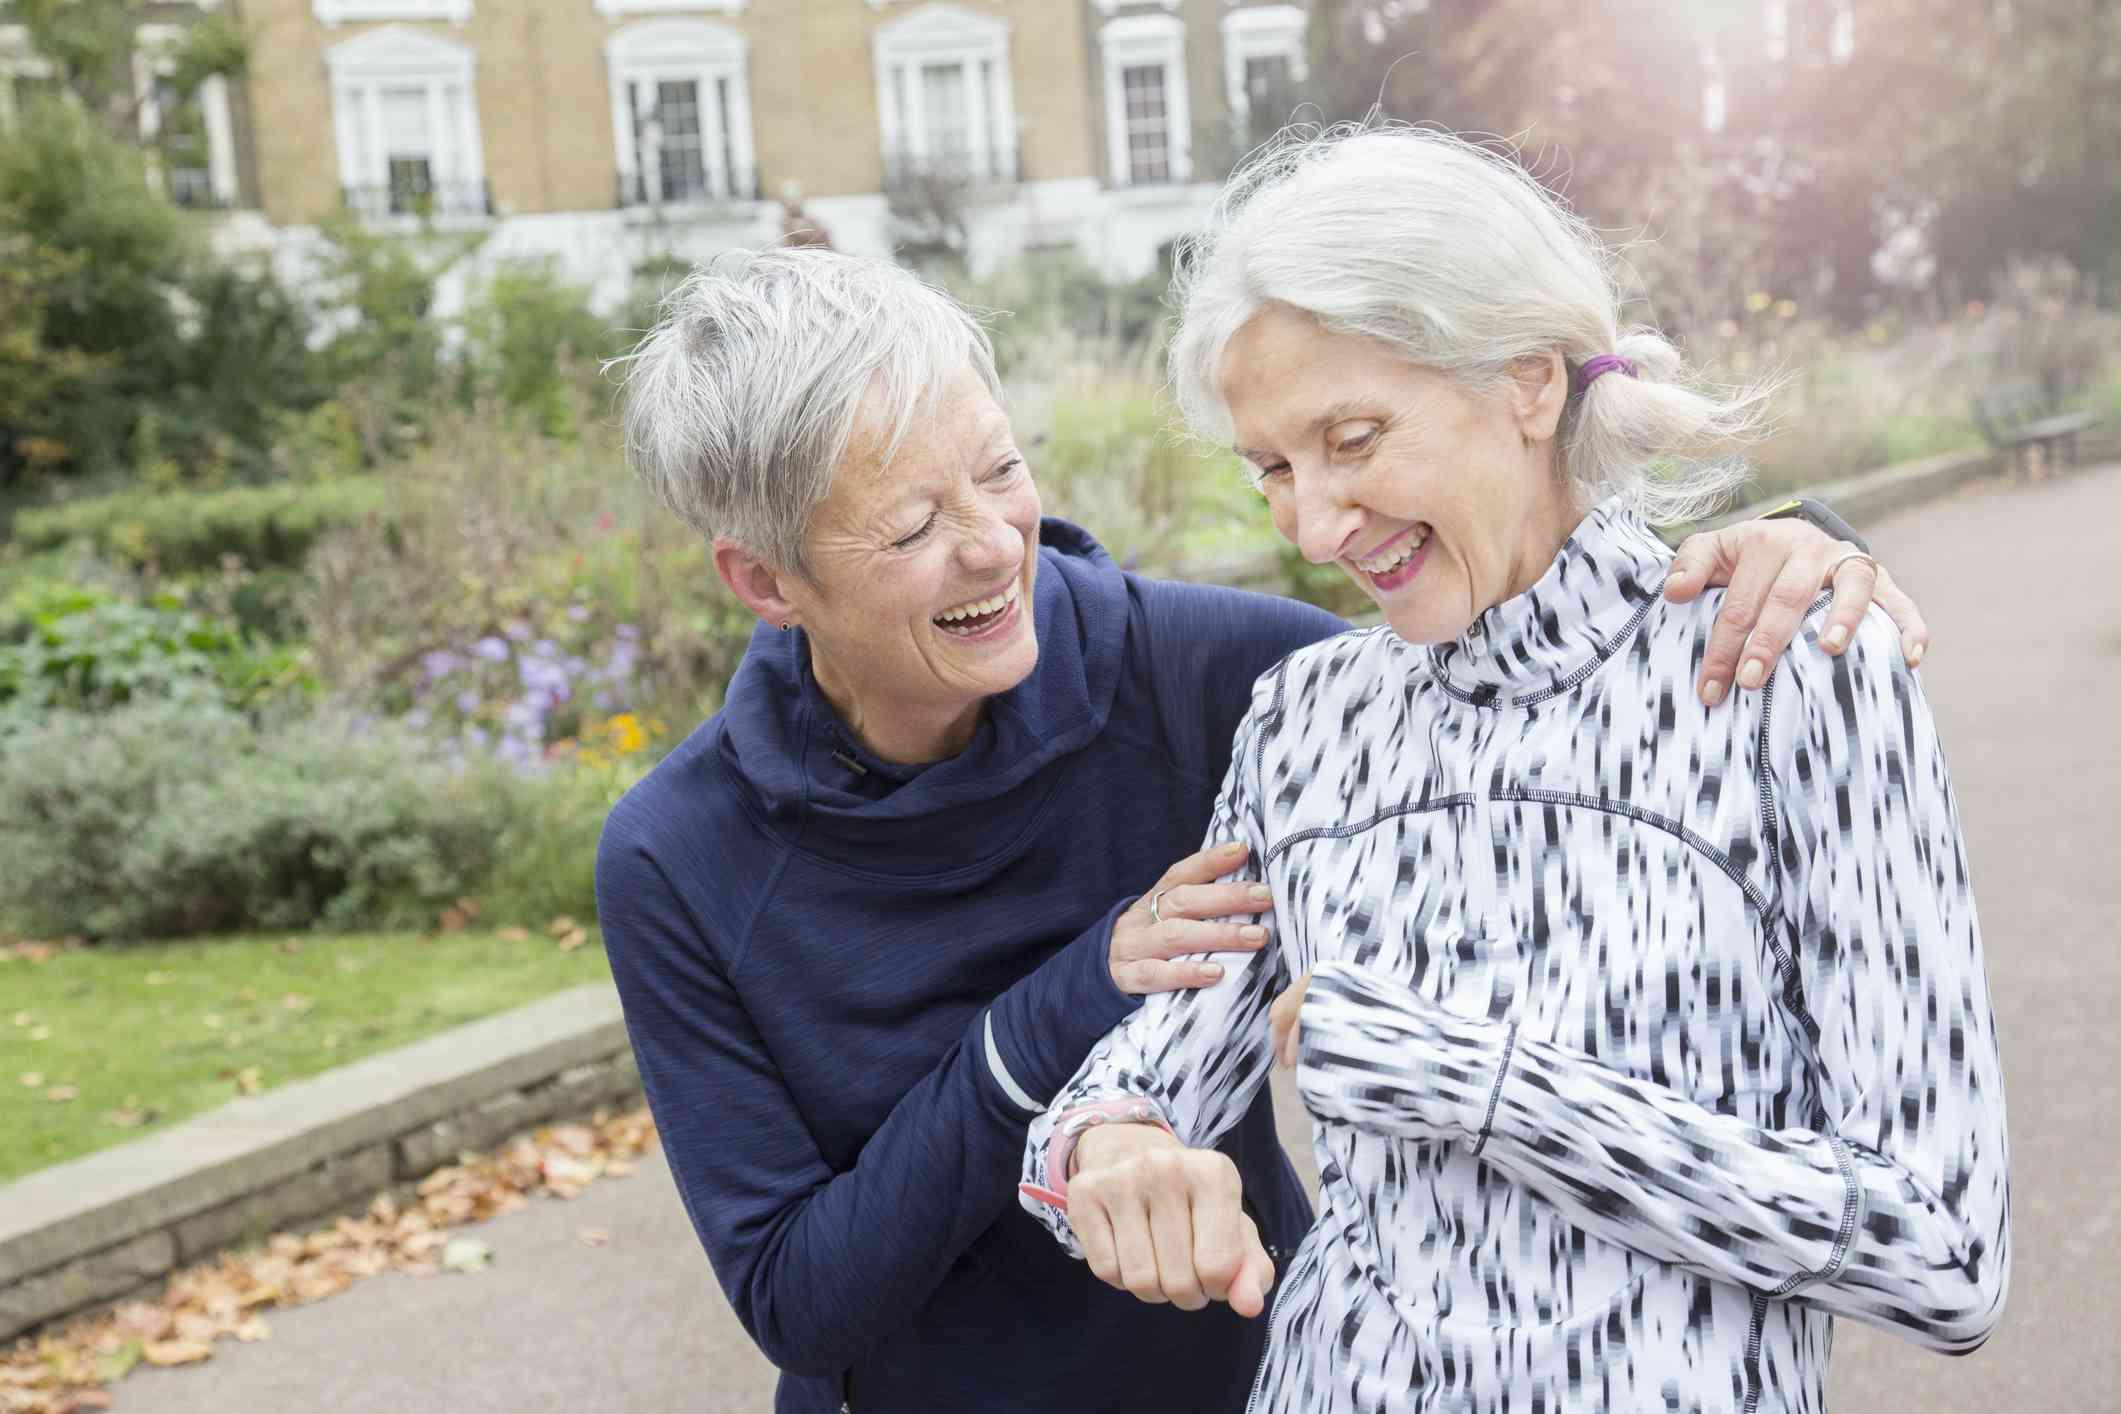 Older women laughing